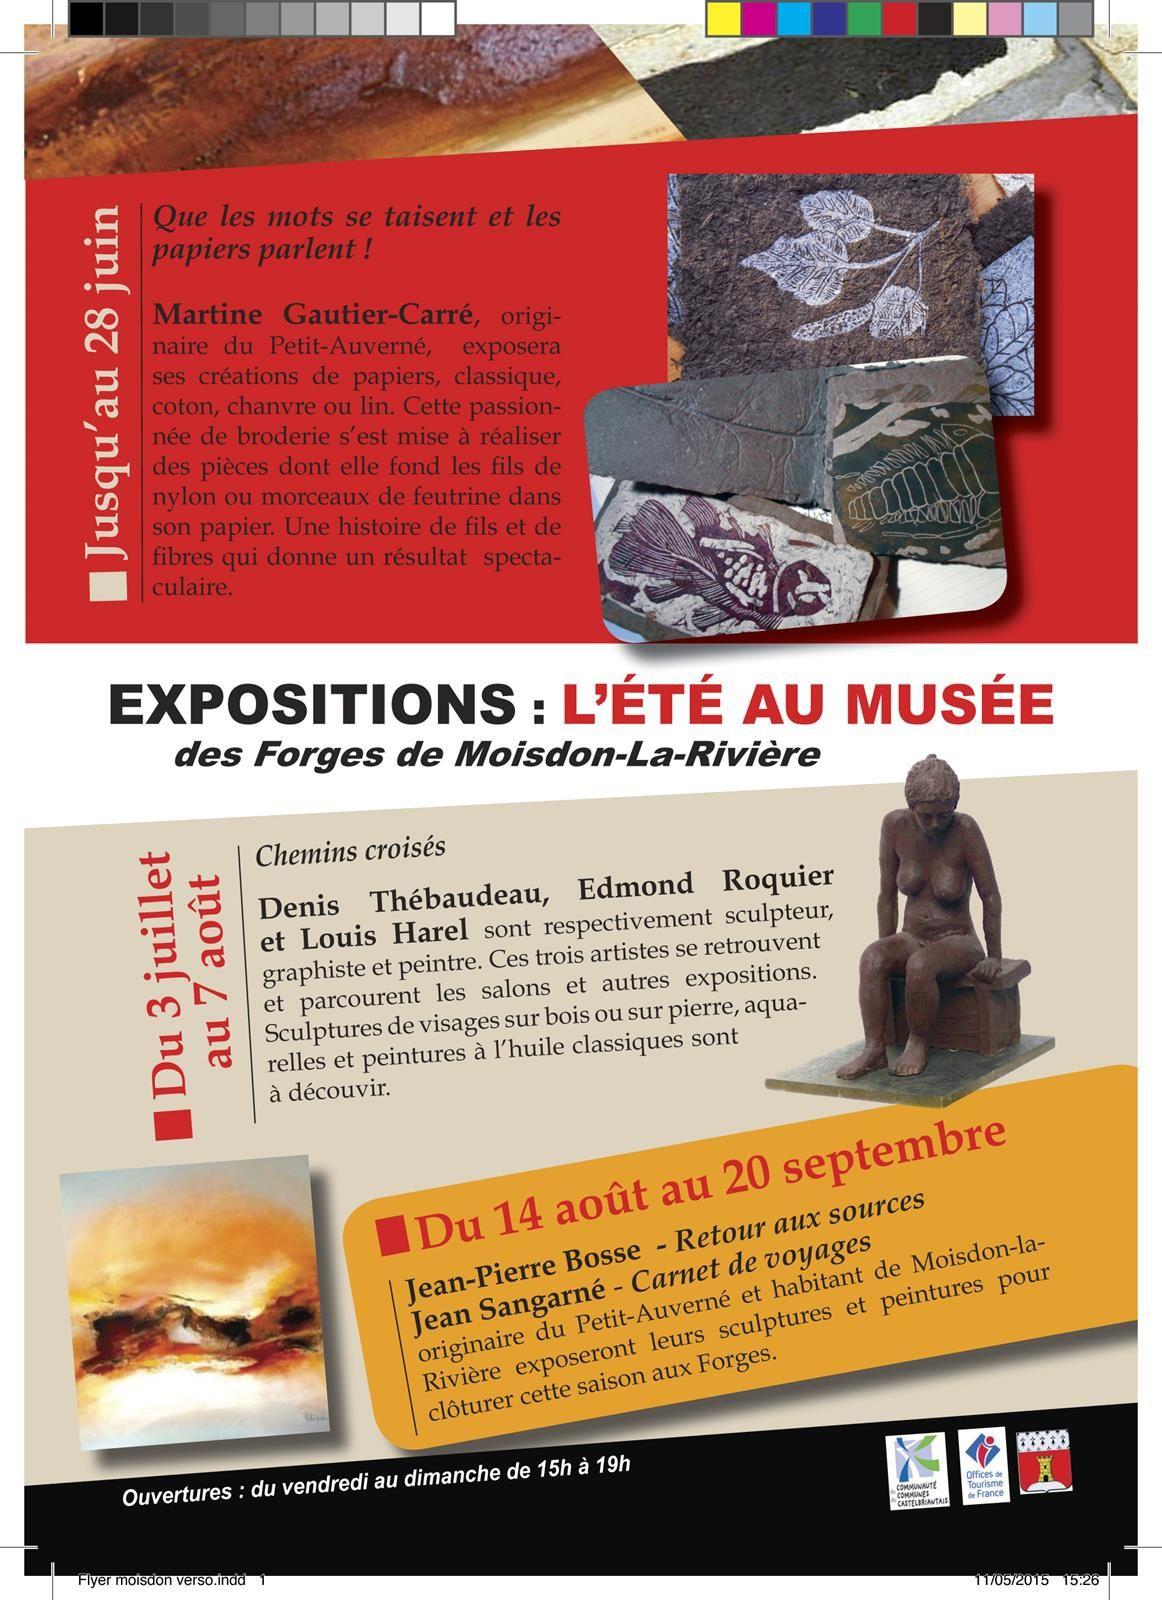 Prochaine expo aux Forges de Moisdon la Rivière 44